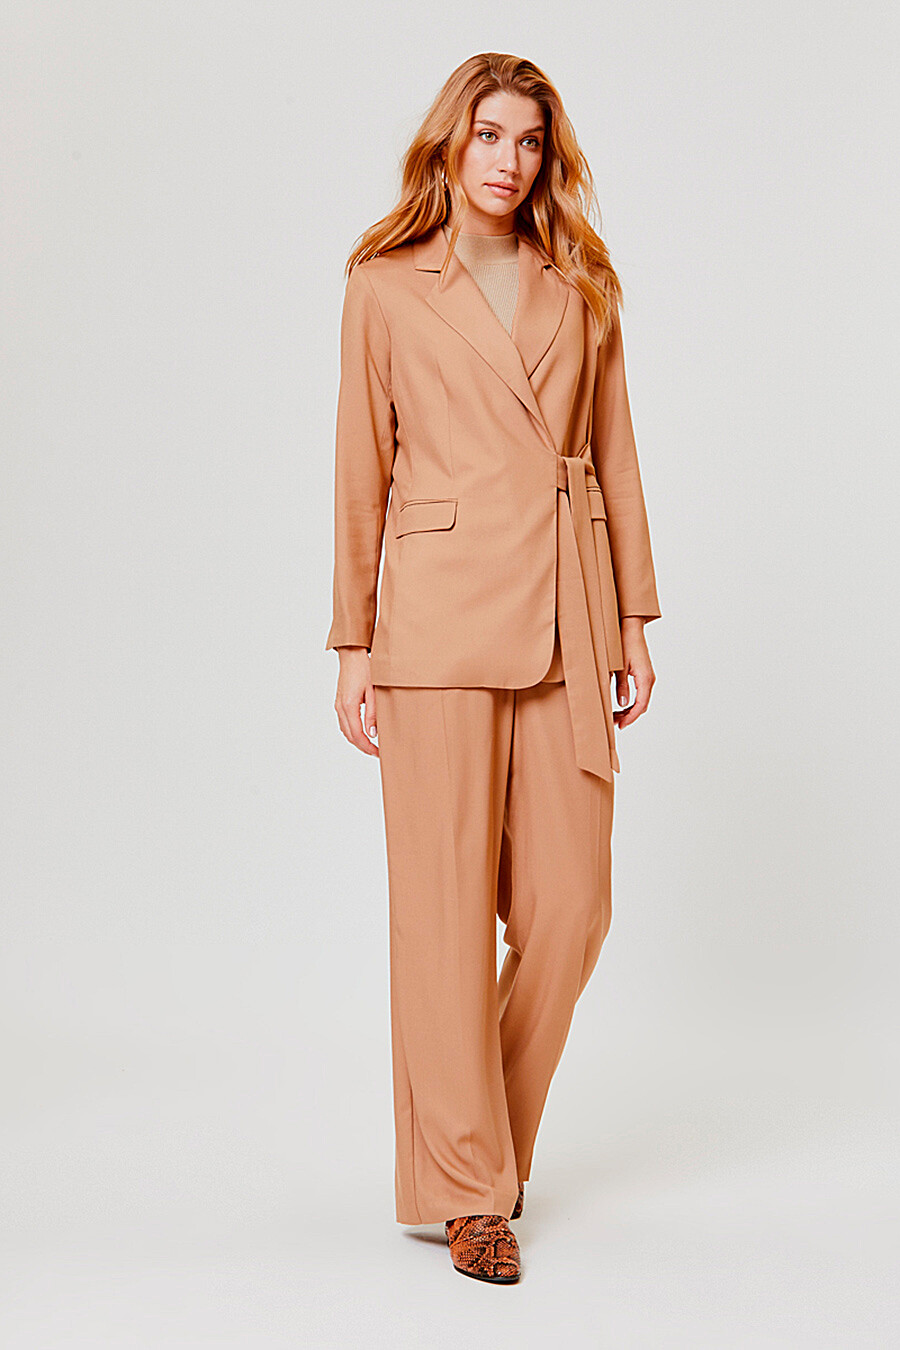 Жакет для женщин DELIA 247638 купить оптом от производителя. Совместная покупка женской одежды в OptMoyo